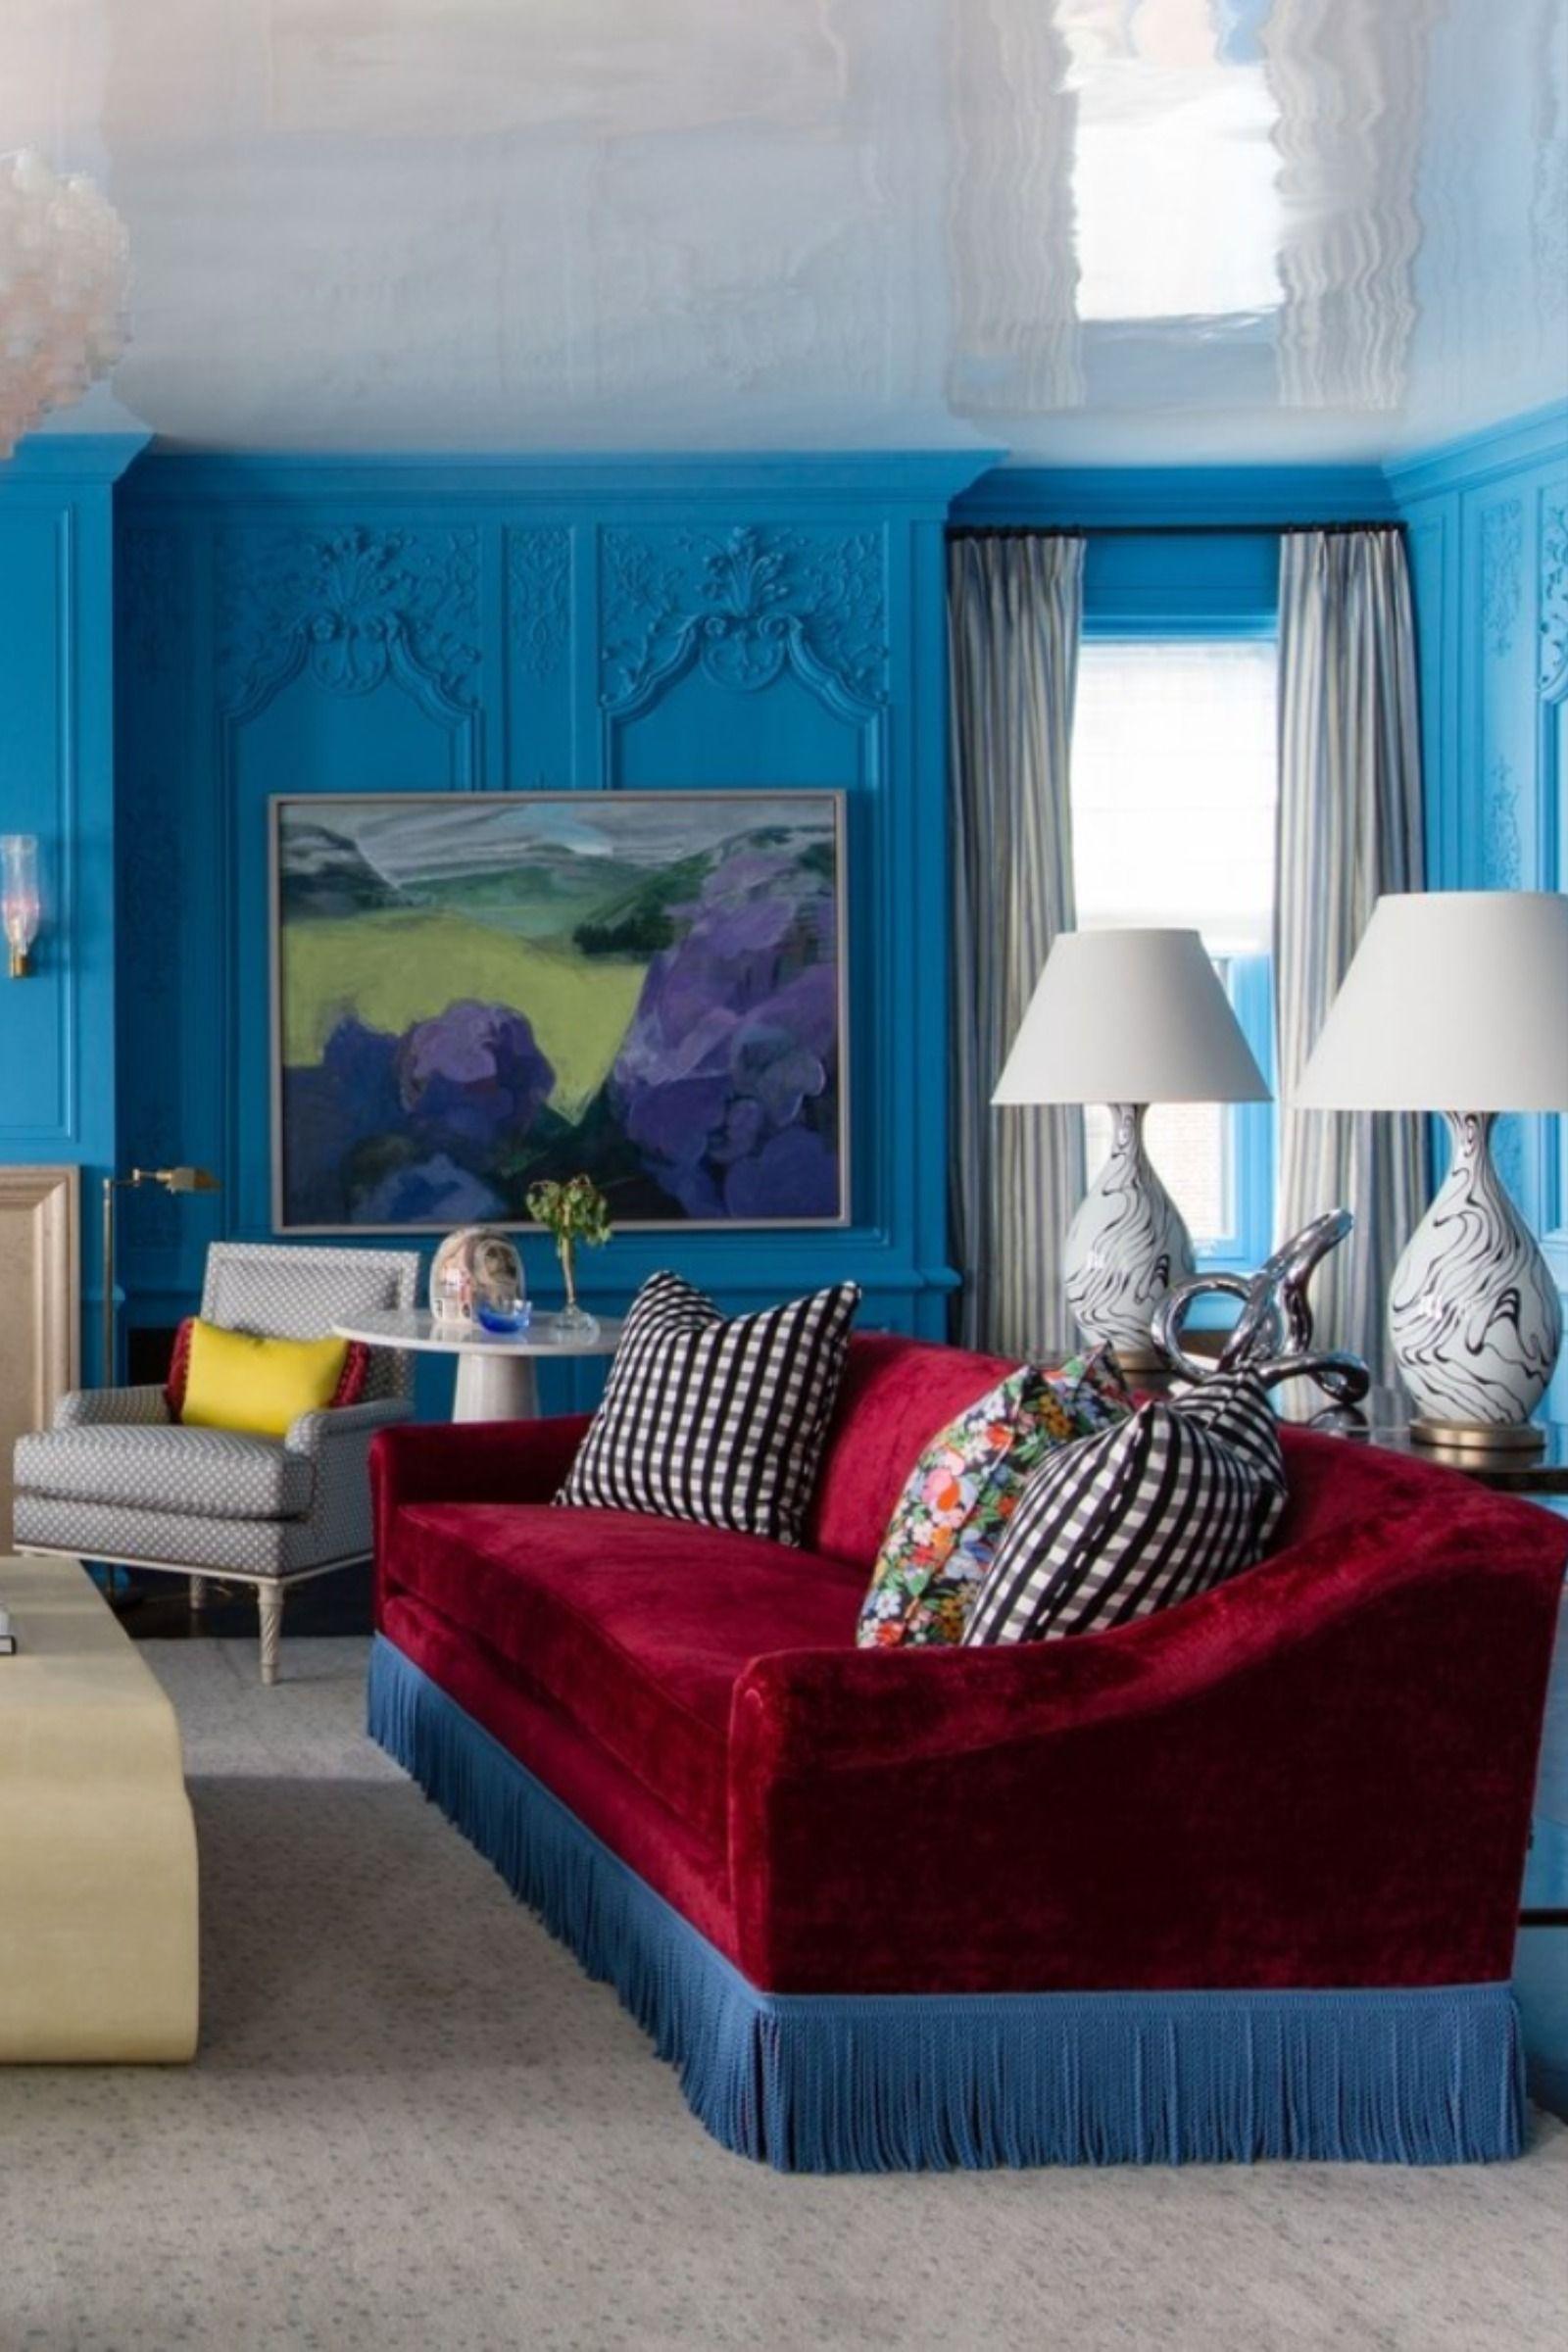 Ev Mobilya Dekorasyon Fikirleri Home Furniture Decombo 2020 Koltuklar Mobilya Oturma Odasi Dekorasyonu